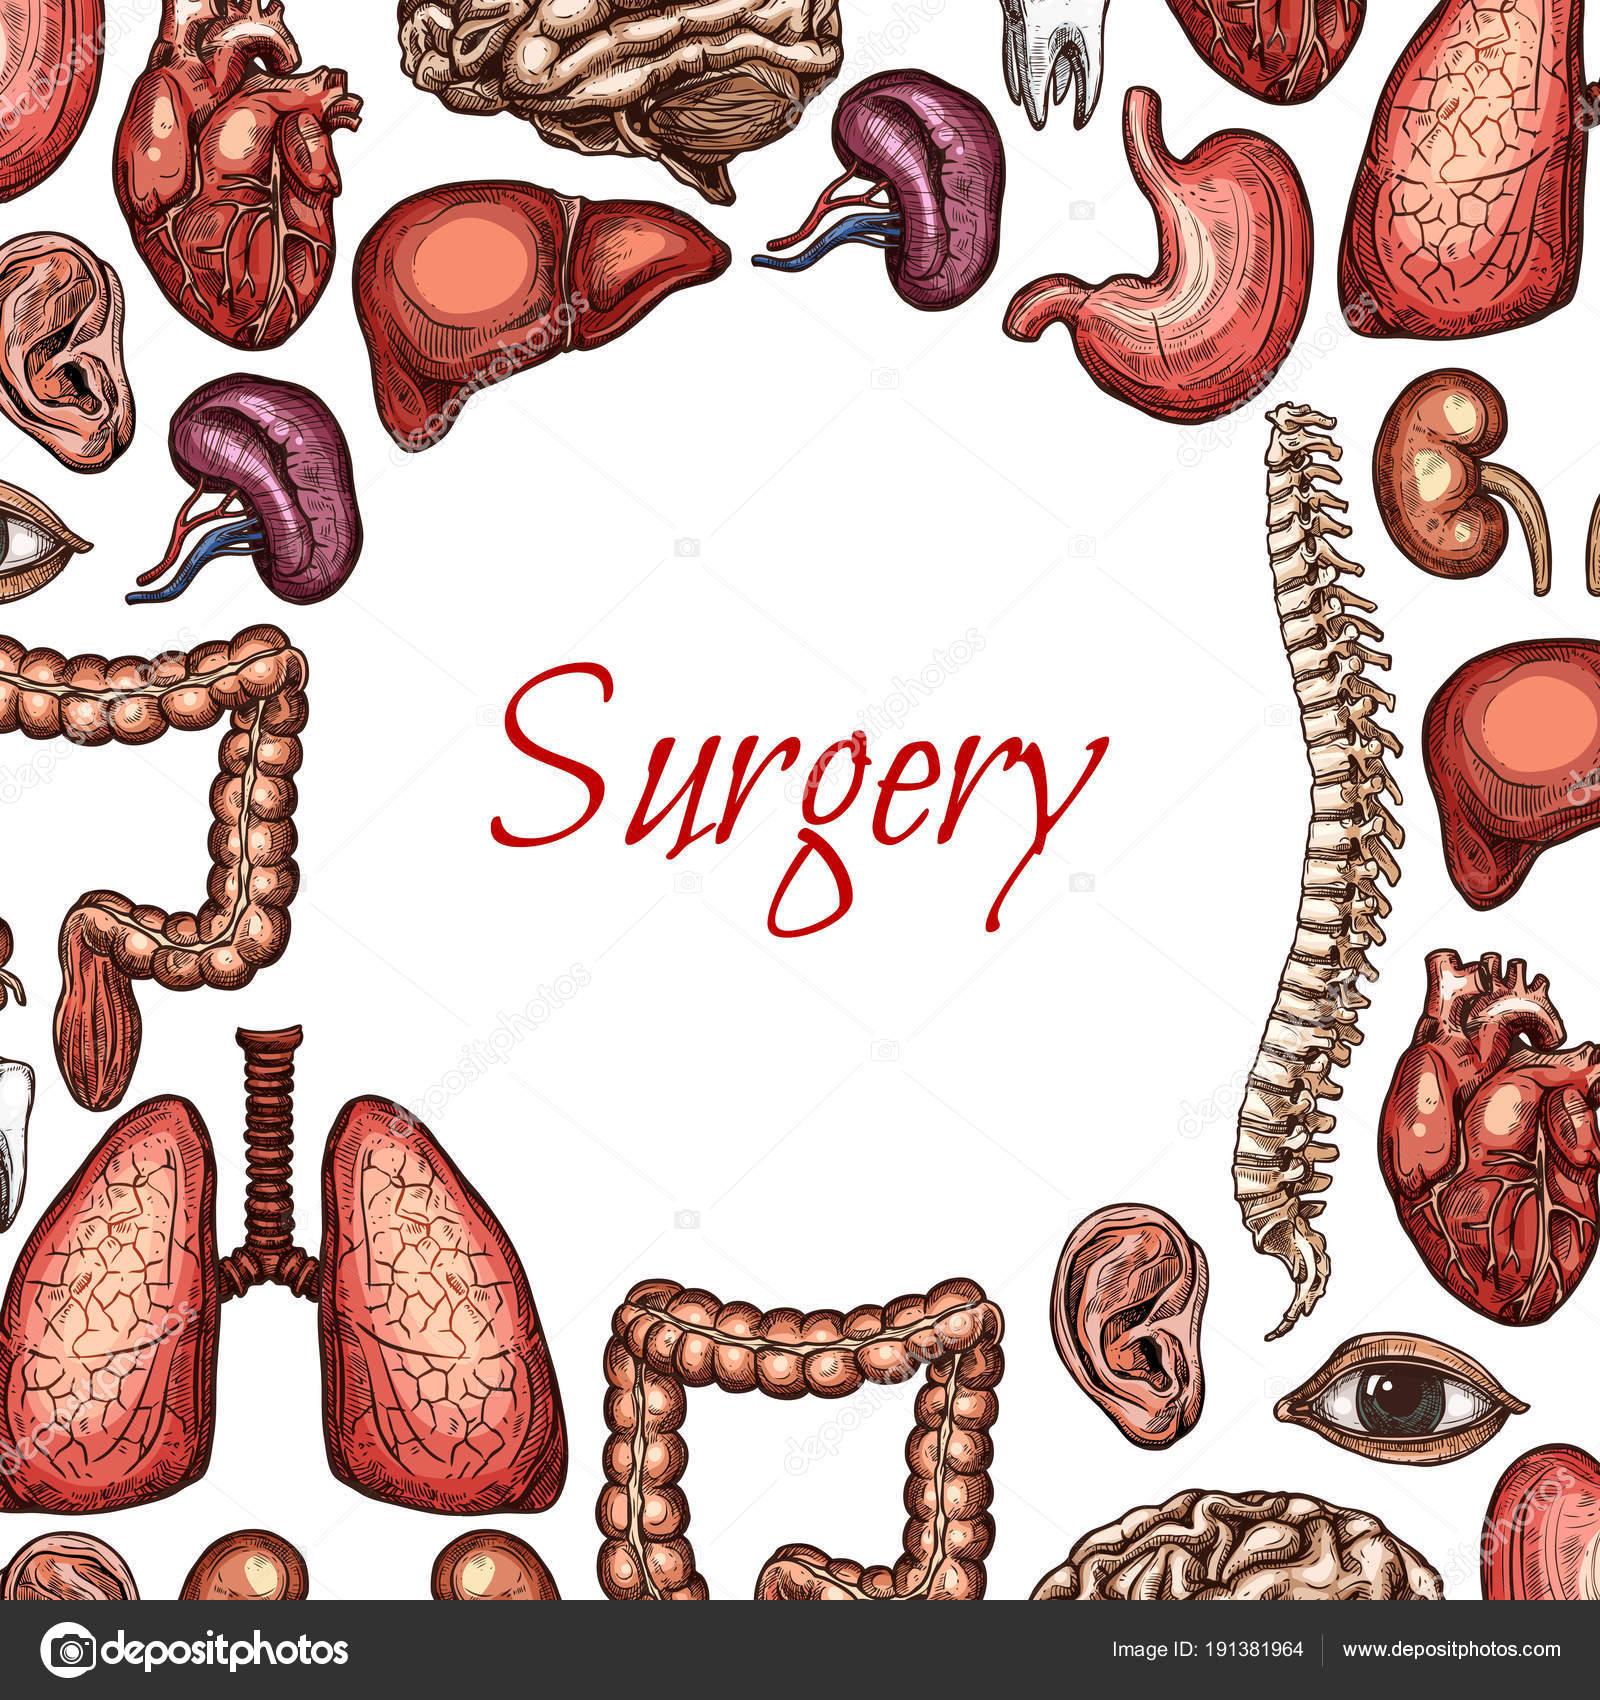 Chirurgie-Poster mit menschliche Organ, skizzieren Sie Körperteile ...